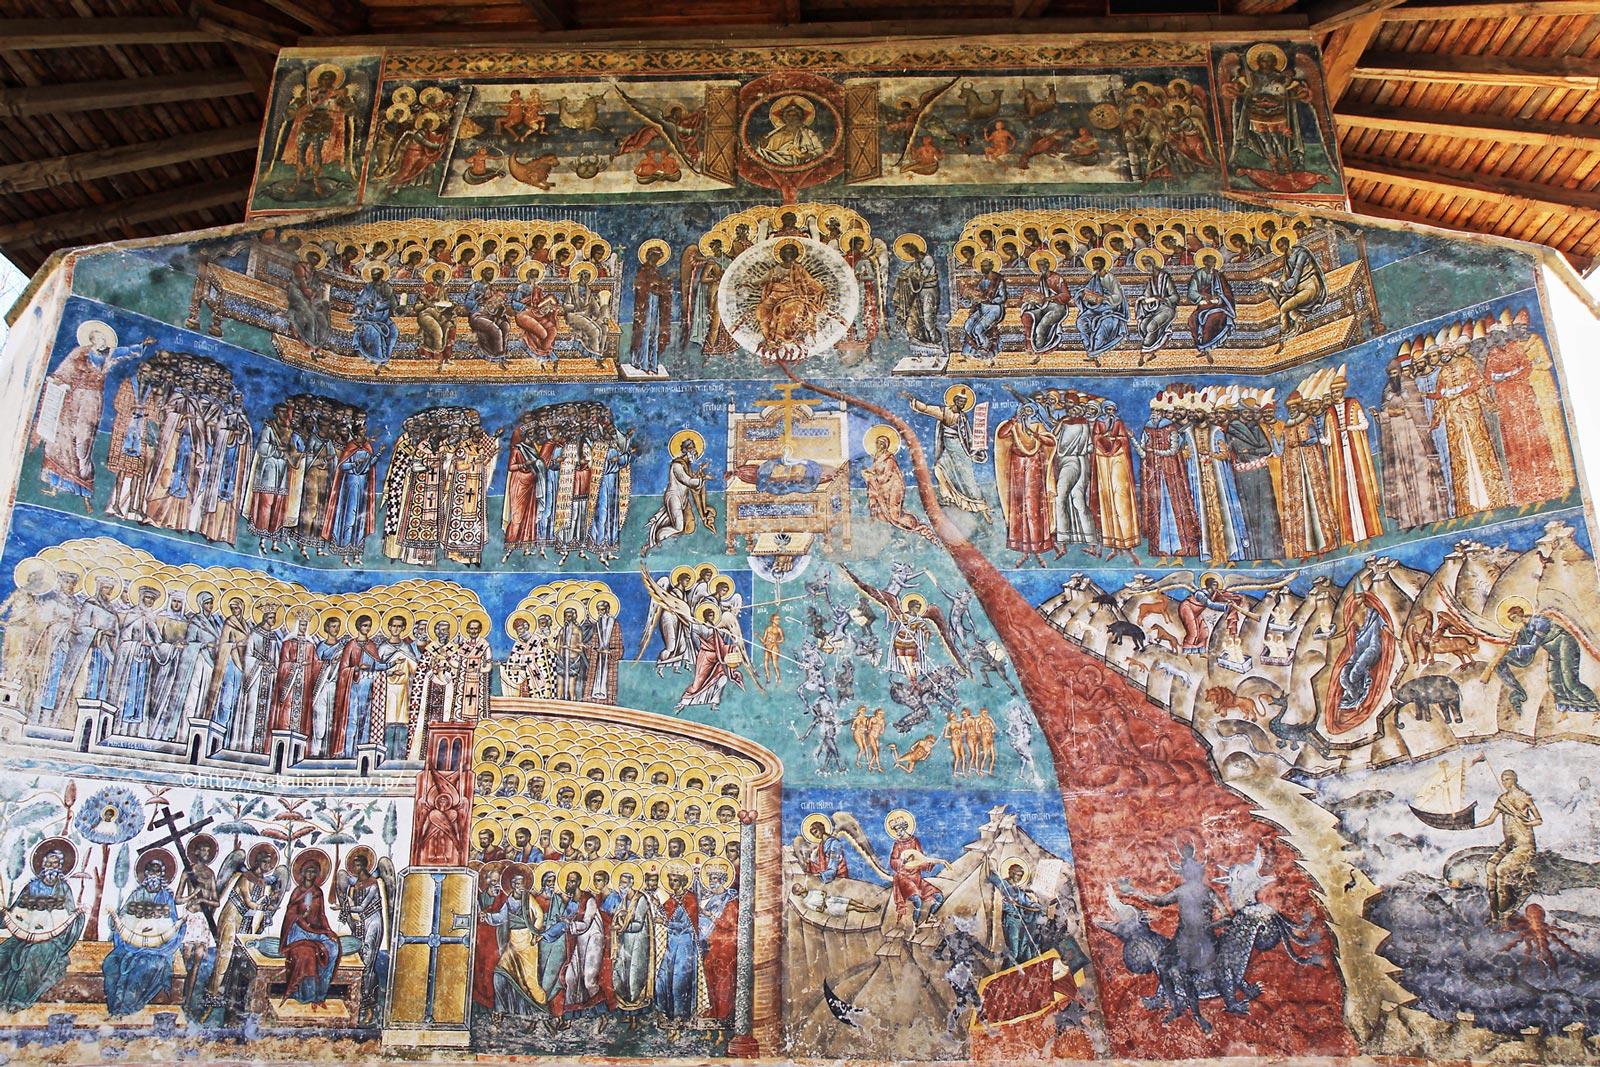 ルーマニア「モルドヴィア地方の教会群」- ヴォロネツ修道院(最後の審判)